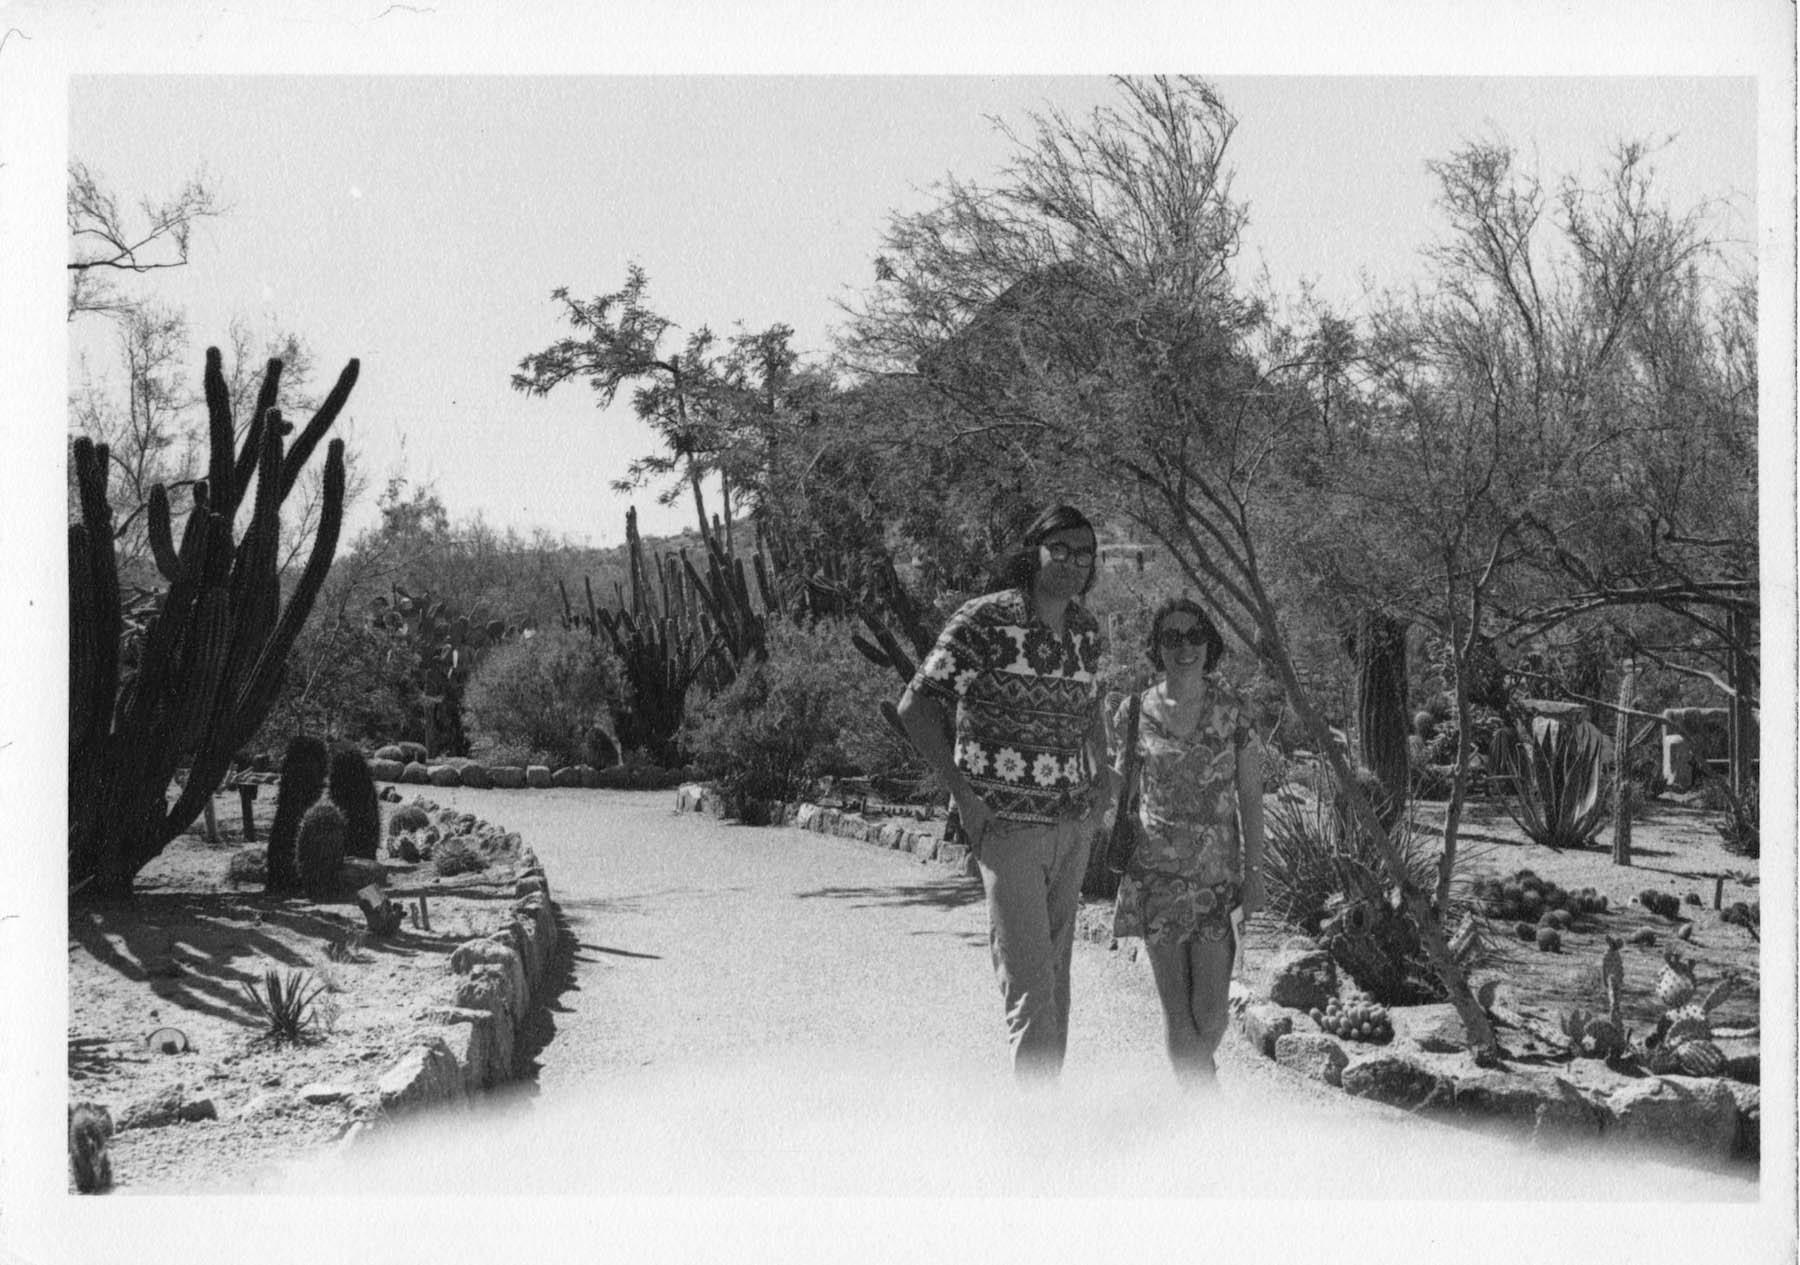 Scottsdale, AZ 1973